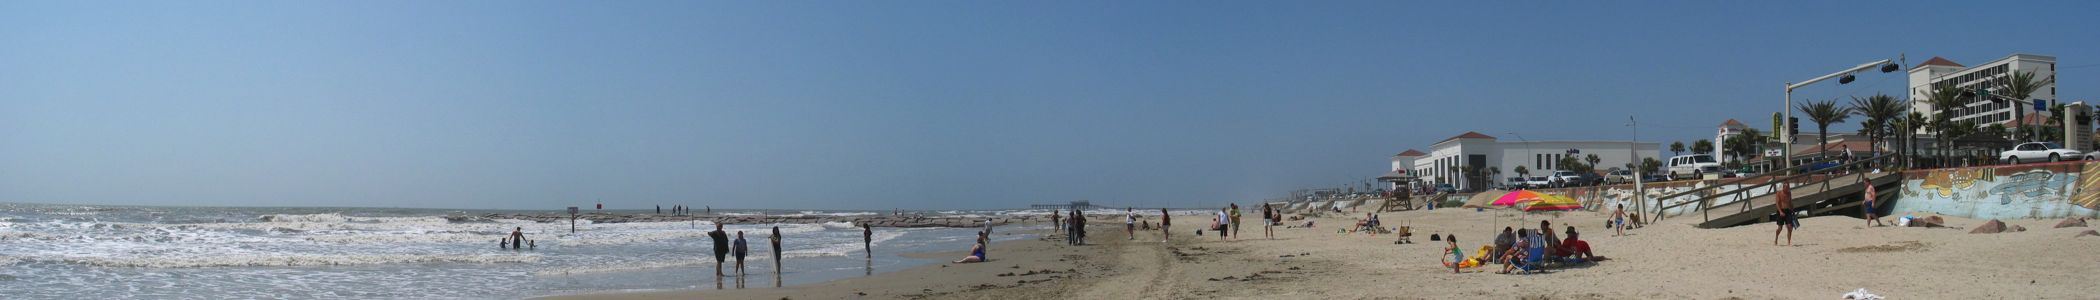 Galveston Beach Rentals Dog Friendly